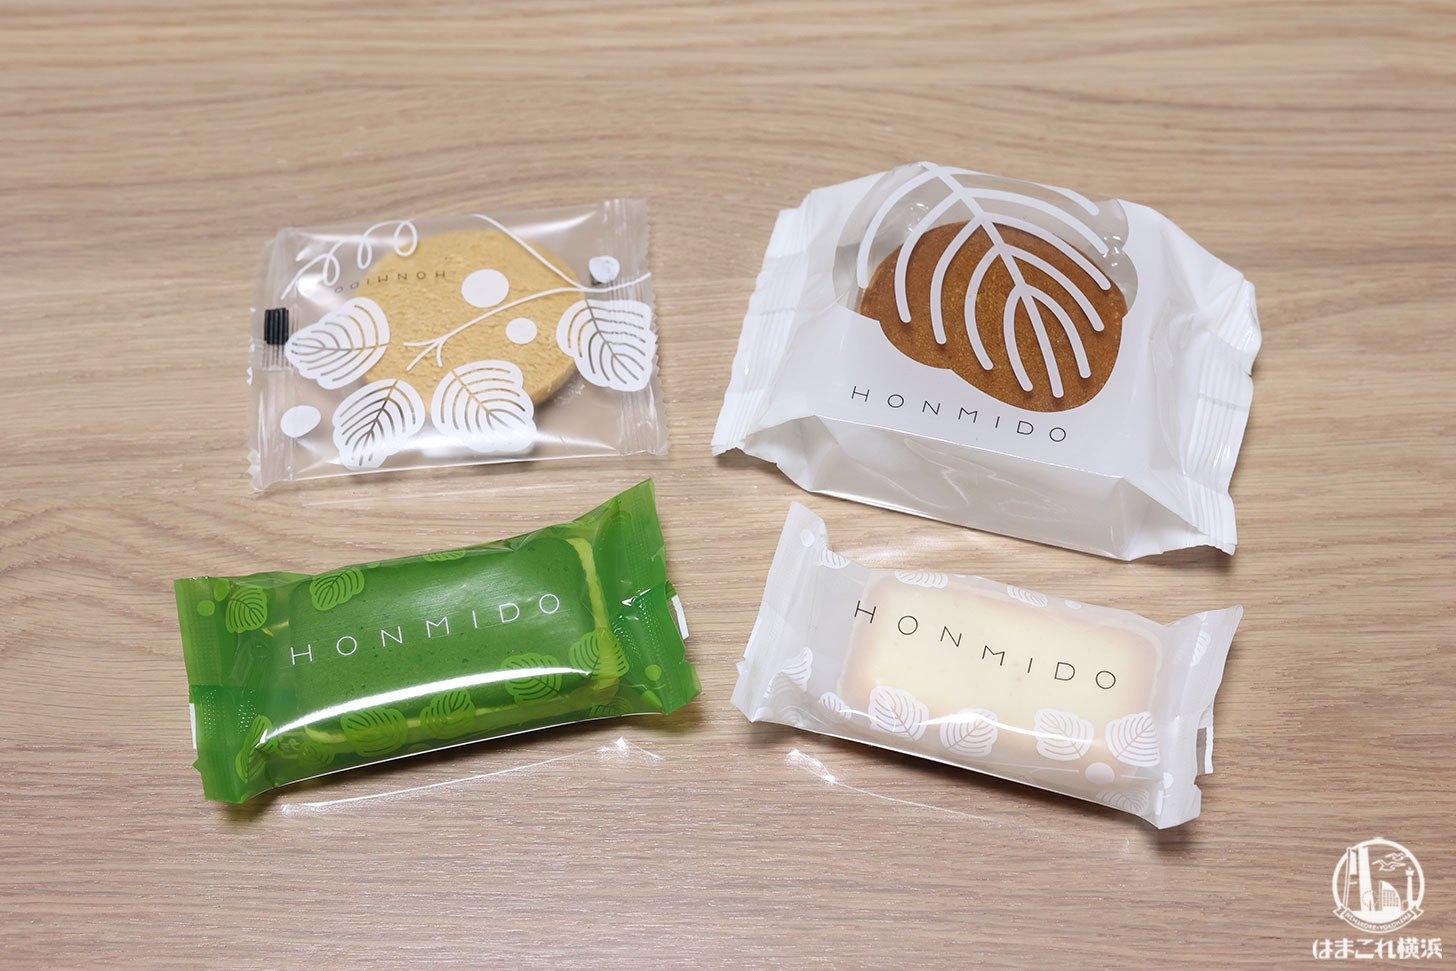 HONMIDOの菓子4種類